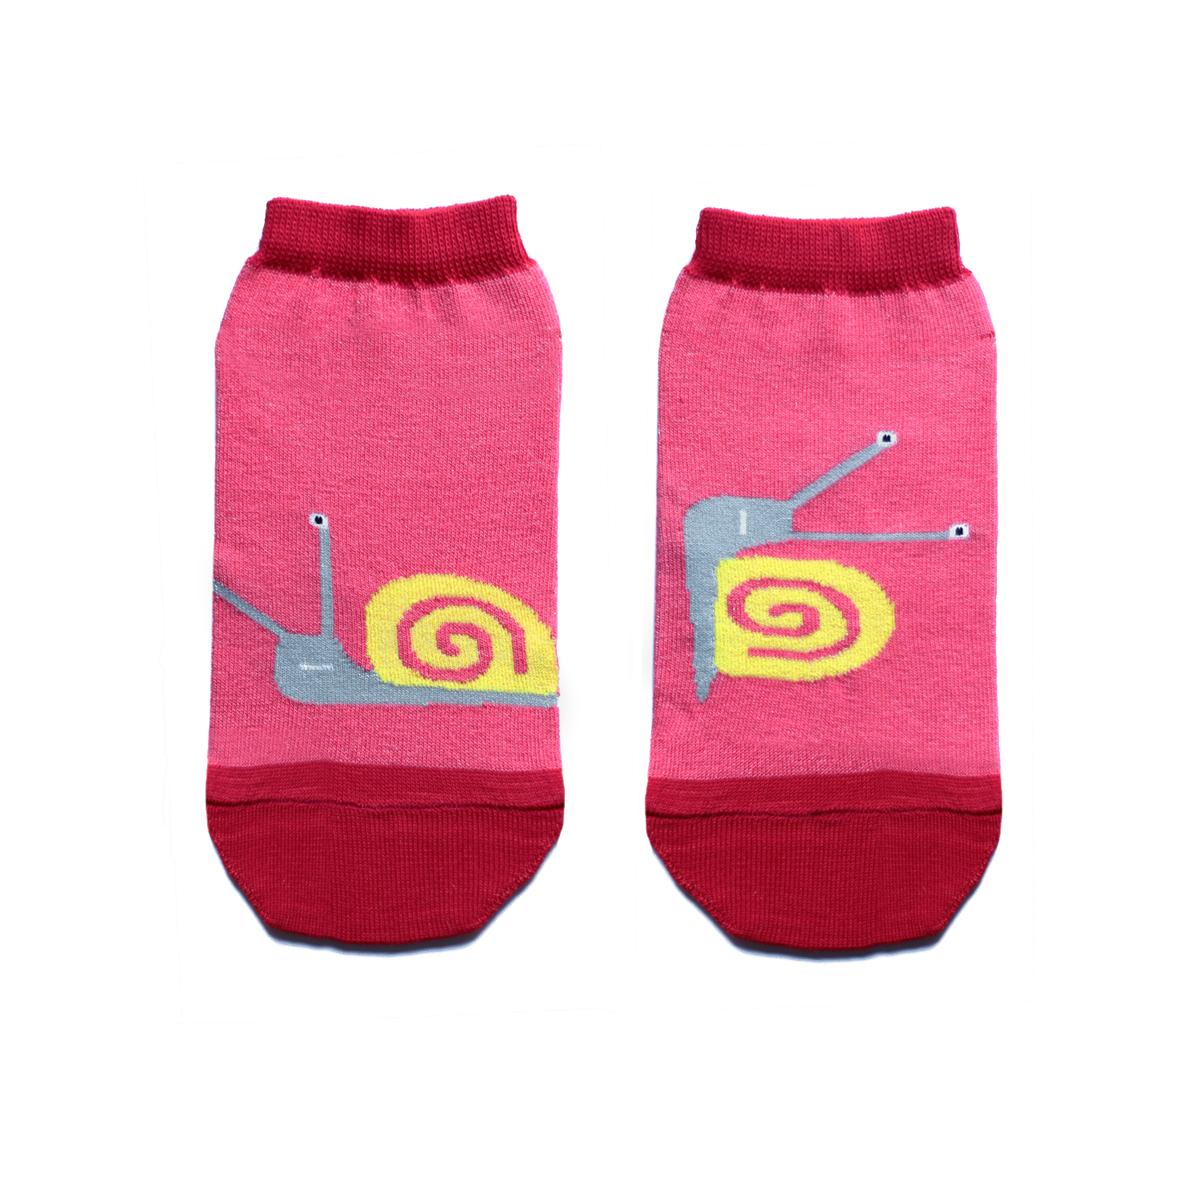 Носки женские Big Bang Socks, цвет: розовый, красный, желтый. ca1622. Размер 35/39ca1622Укороченные женские носки Big Bang Socks изготовлены из высококачественного хлопка с добавлением полиамидных и эластановых волокон, которые обеспечивают великолепную посадку. Носки отличаются ярким стильным дизайном, они оформлены изображением забавных улиток. Удобная резинка идеально облегает ногу и не пережимает сосуды, а усиленные пятка и мысок повышают износоустойчивость носка. Дизайнерские носки Big Bang Socks - яркая деталь в вашем образе и оригинальный подарок для друзей и близких.